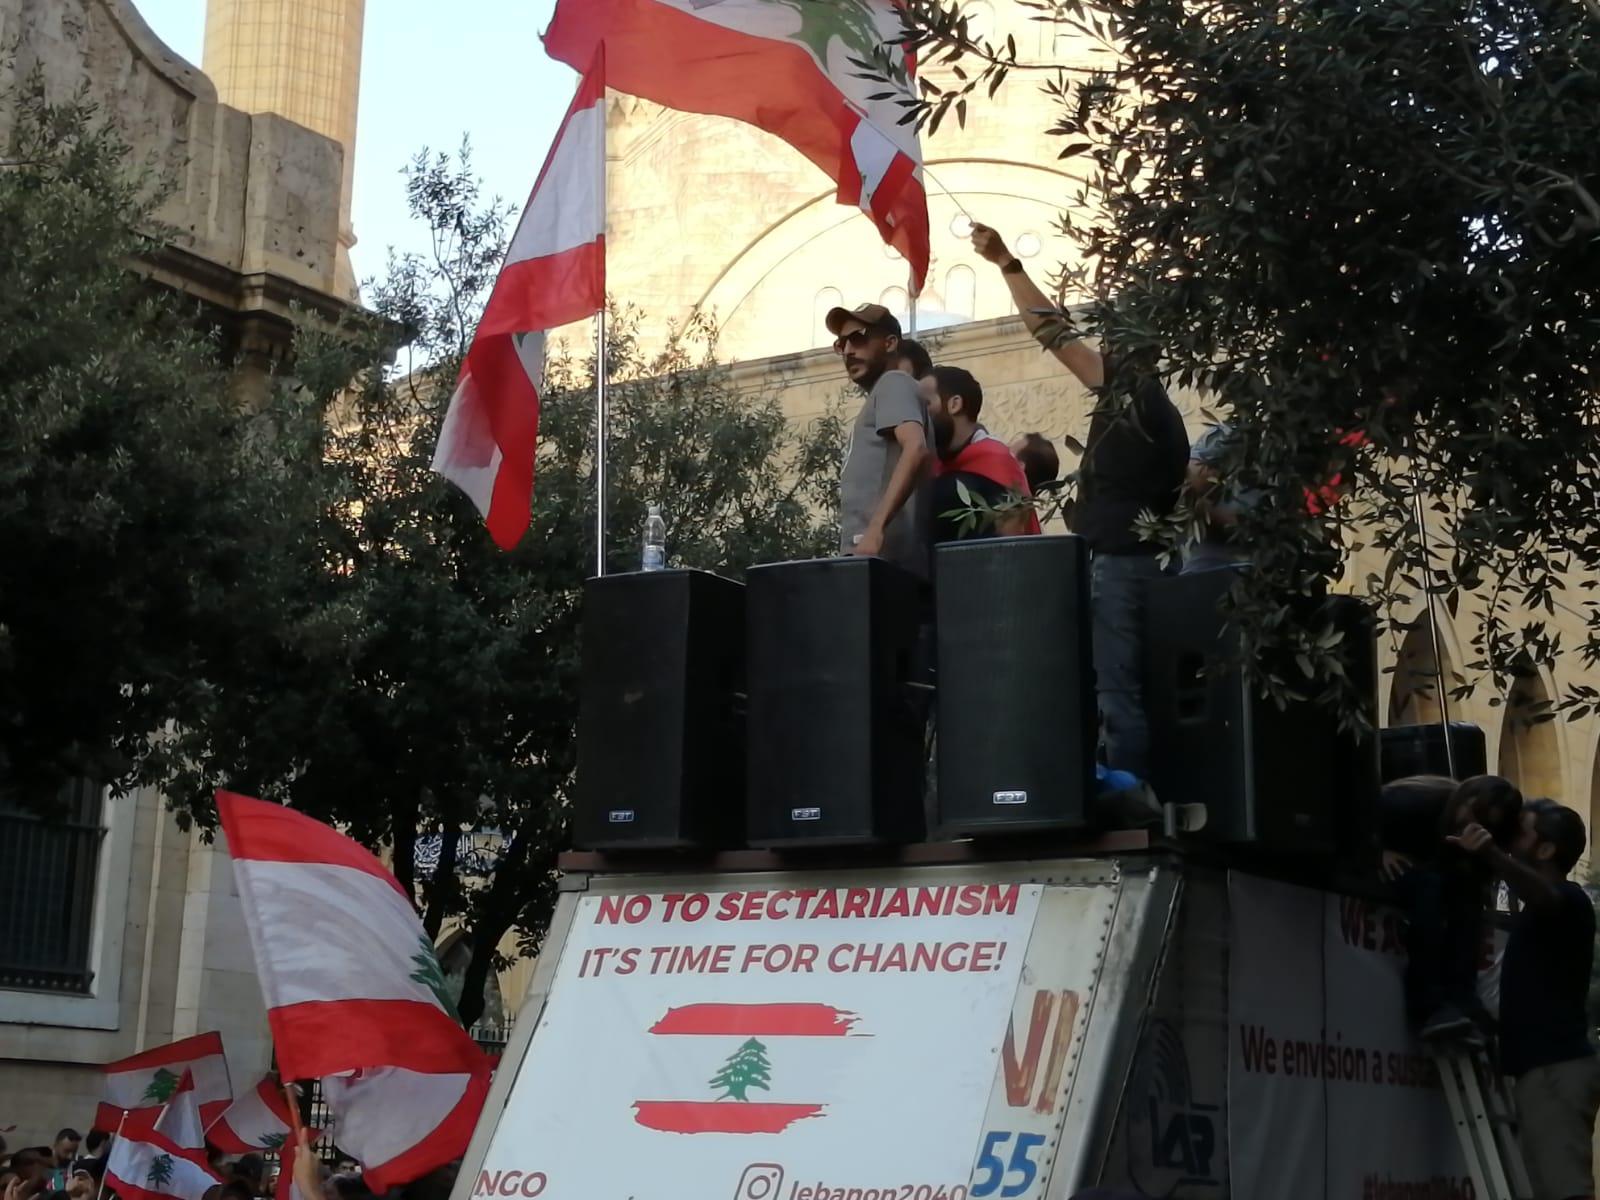 La lotta al sistema confessionale al centro delle proteste (Foto di Roberto Renino/Nena News)